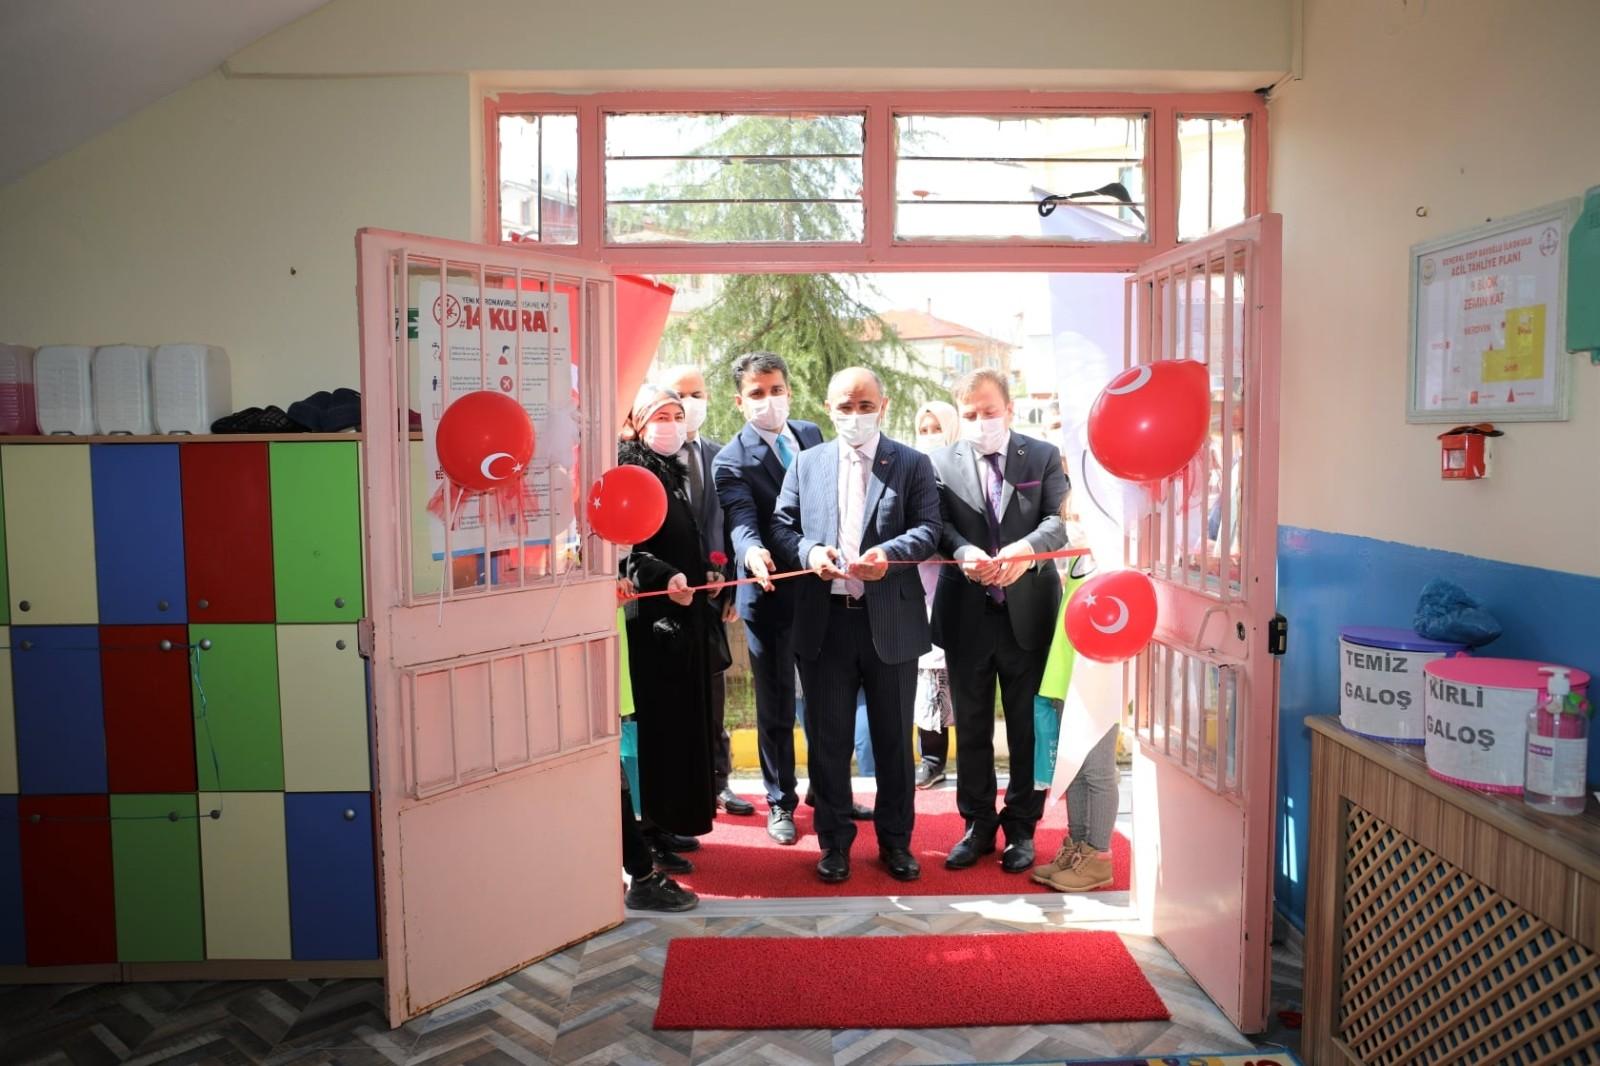 Vatandaşların talebi üzerine Barbaros Mahallesi'nde anaokulu açıldı